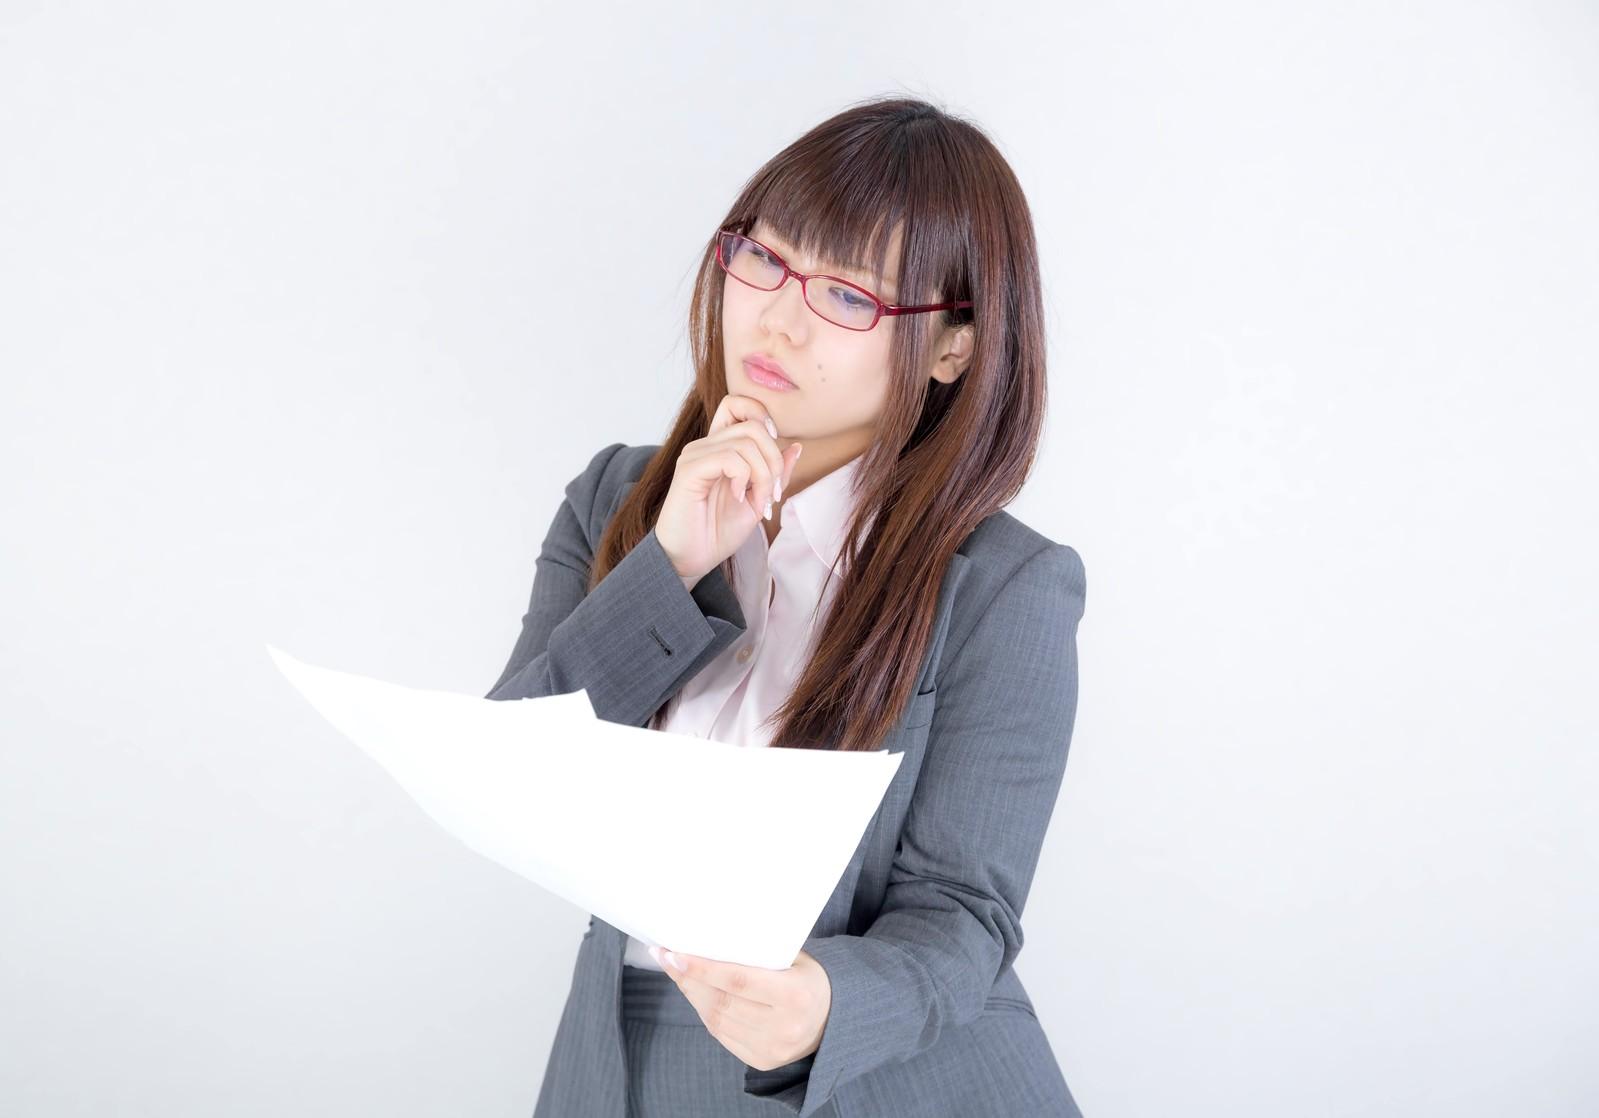 仕事は程よく適当でいい。完璧を求める人ほど仕事は楽しめない